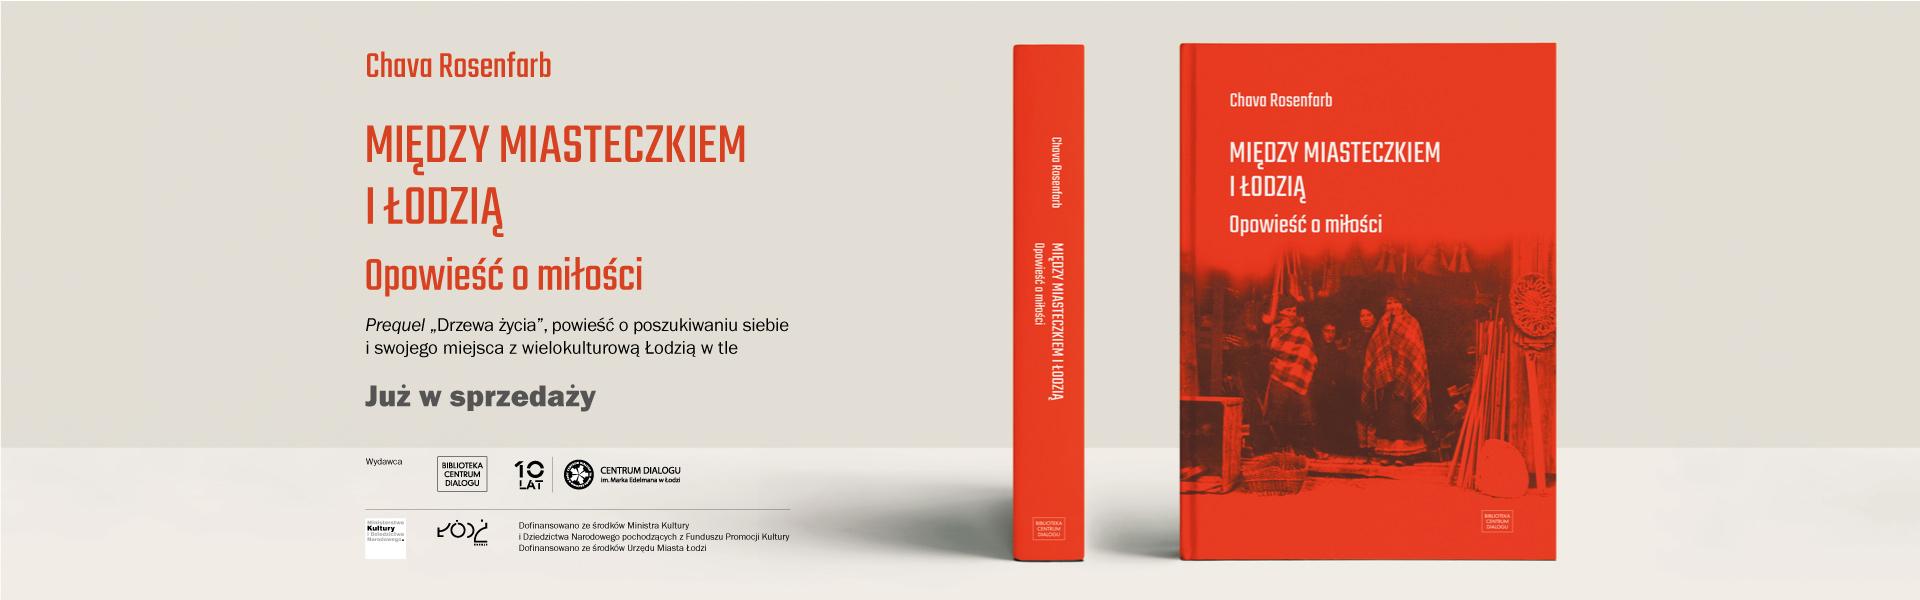 1920x600px_www_miedzy_miasteczkiem_reklama_